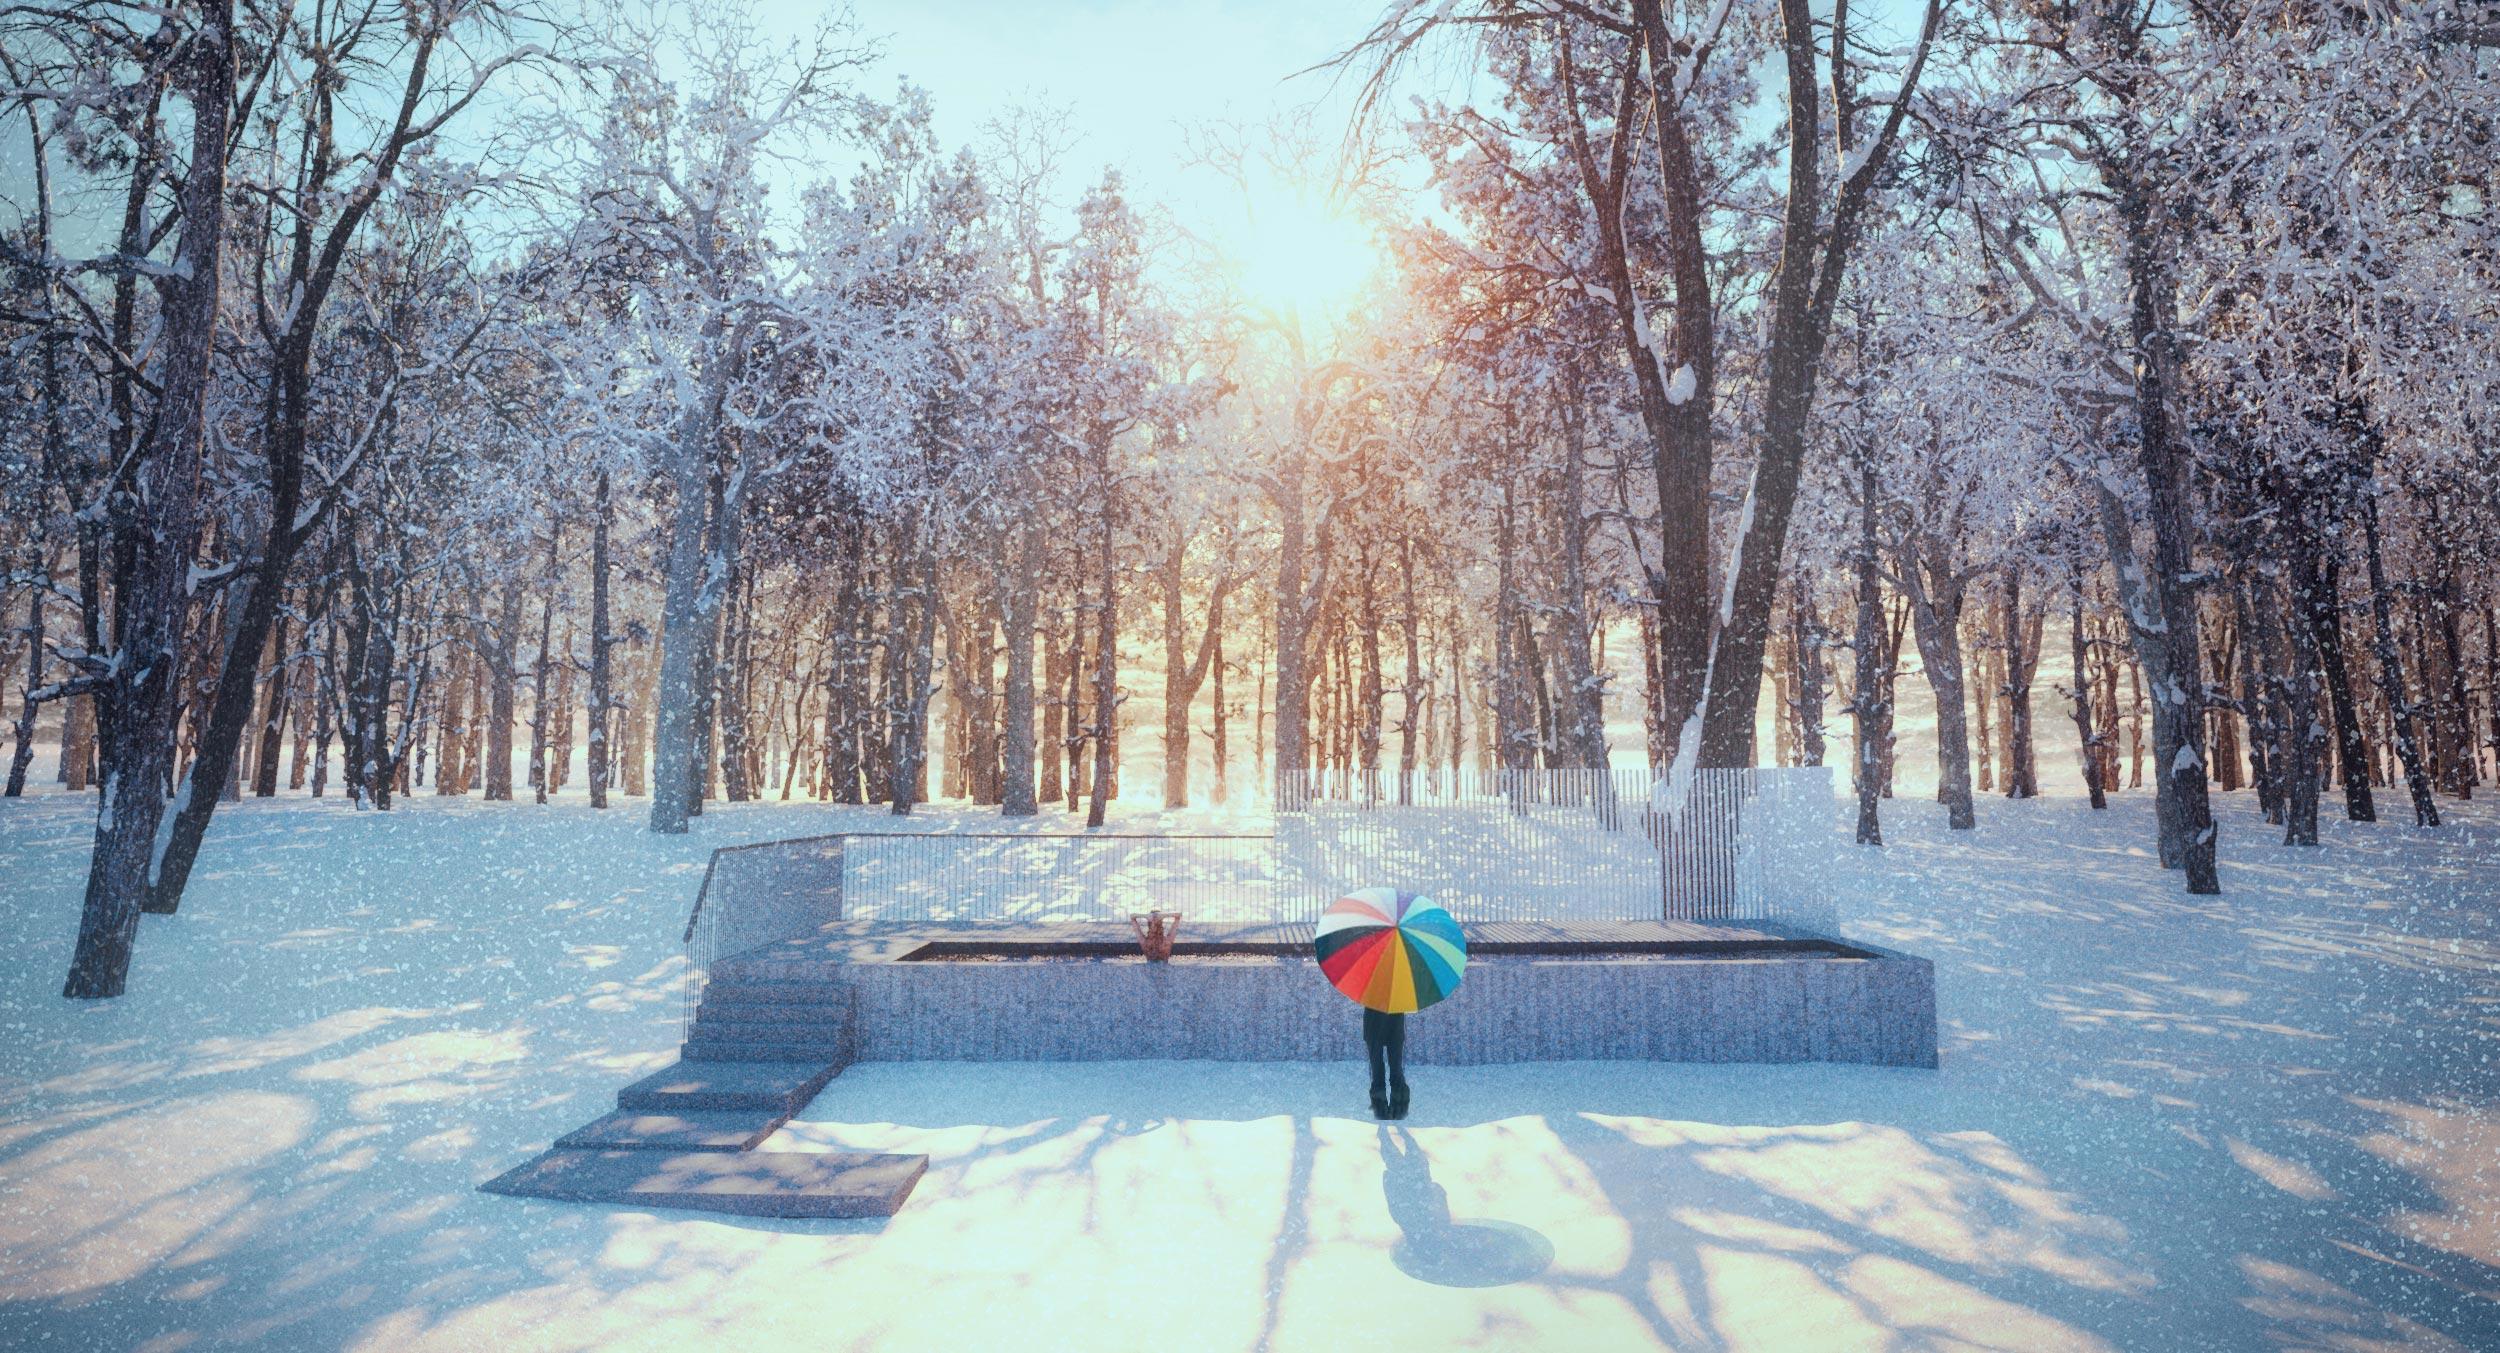 Utki_01-winter.jpg